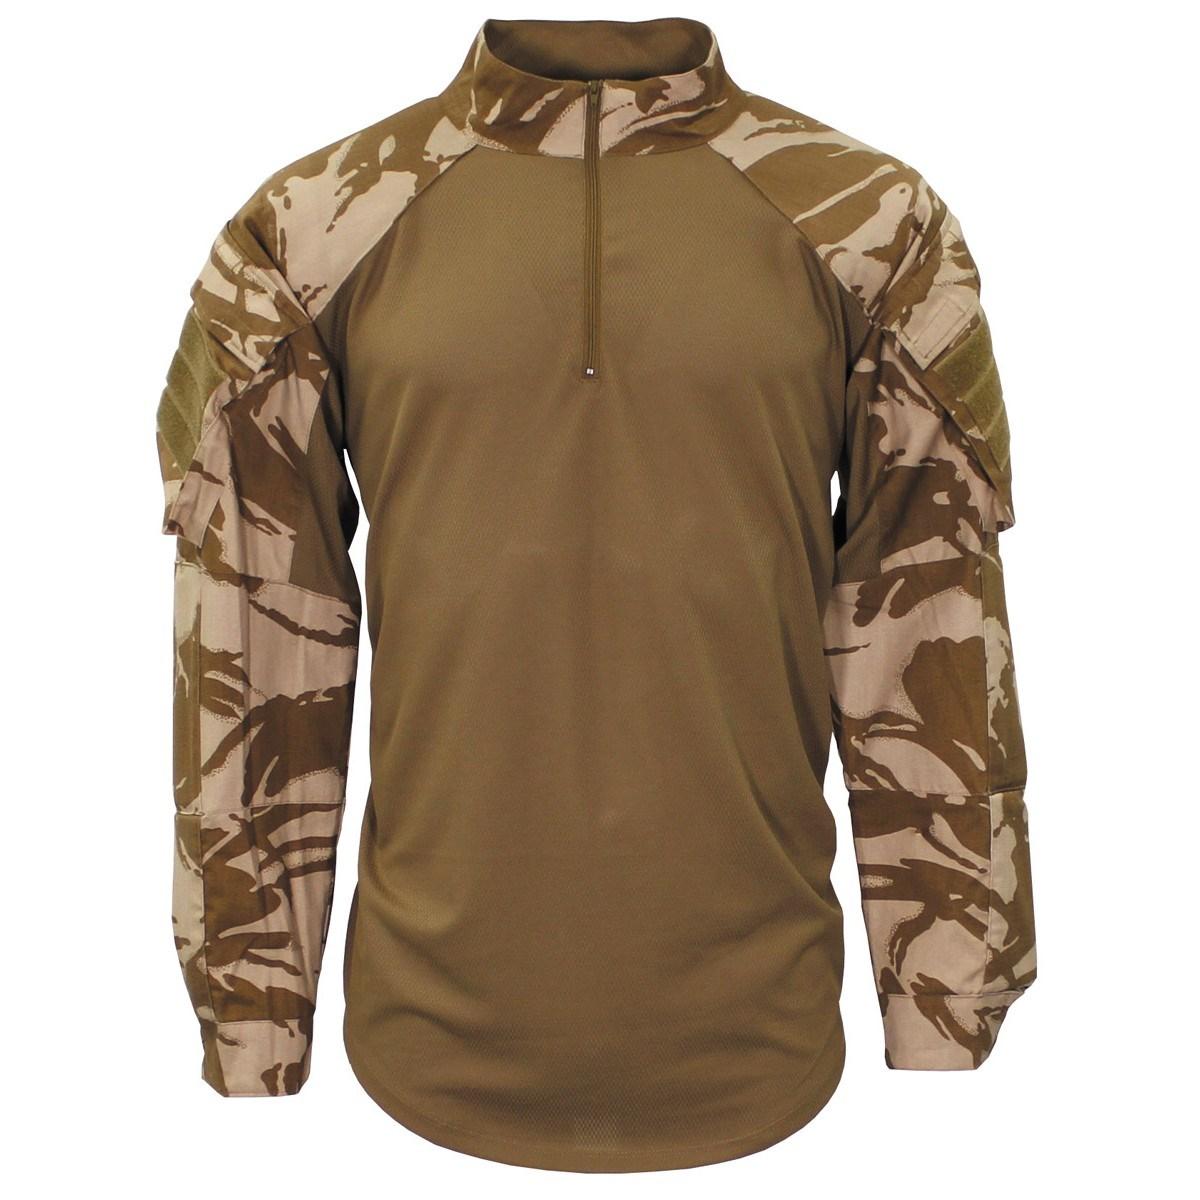 Košile COMBAT taktická DPM DESERT Armáda Britská VSHISODDPMG L-11